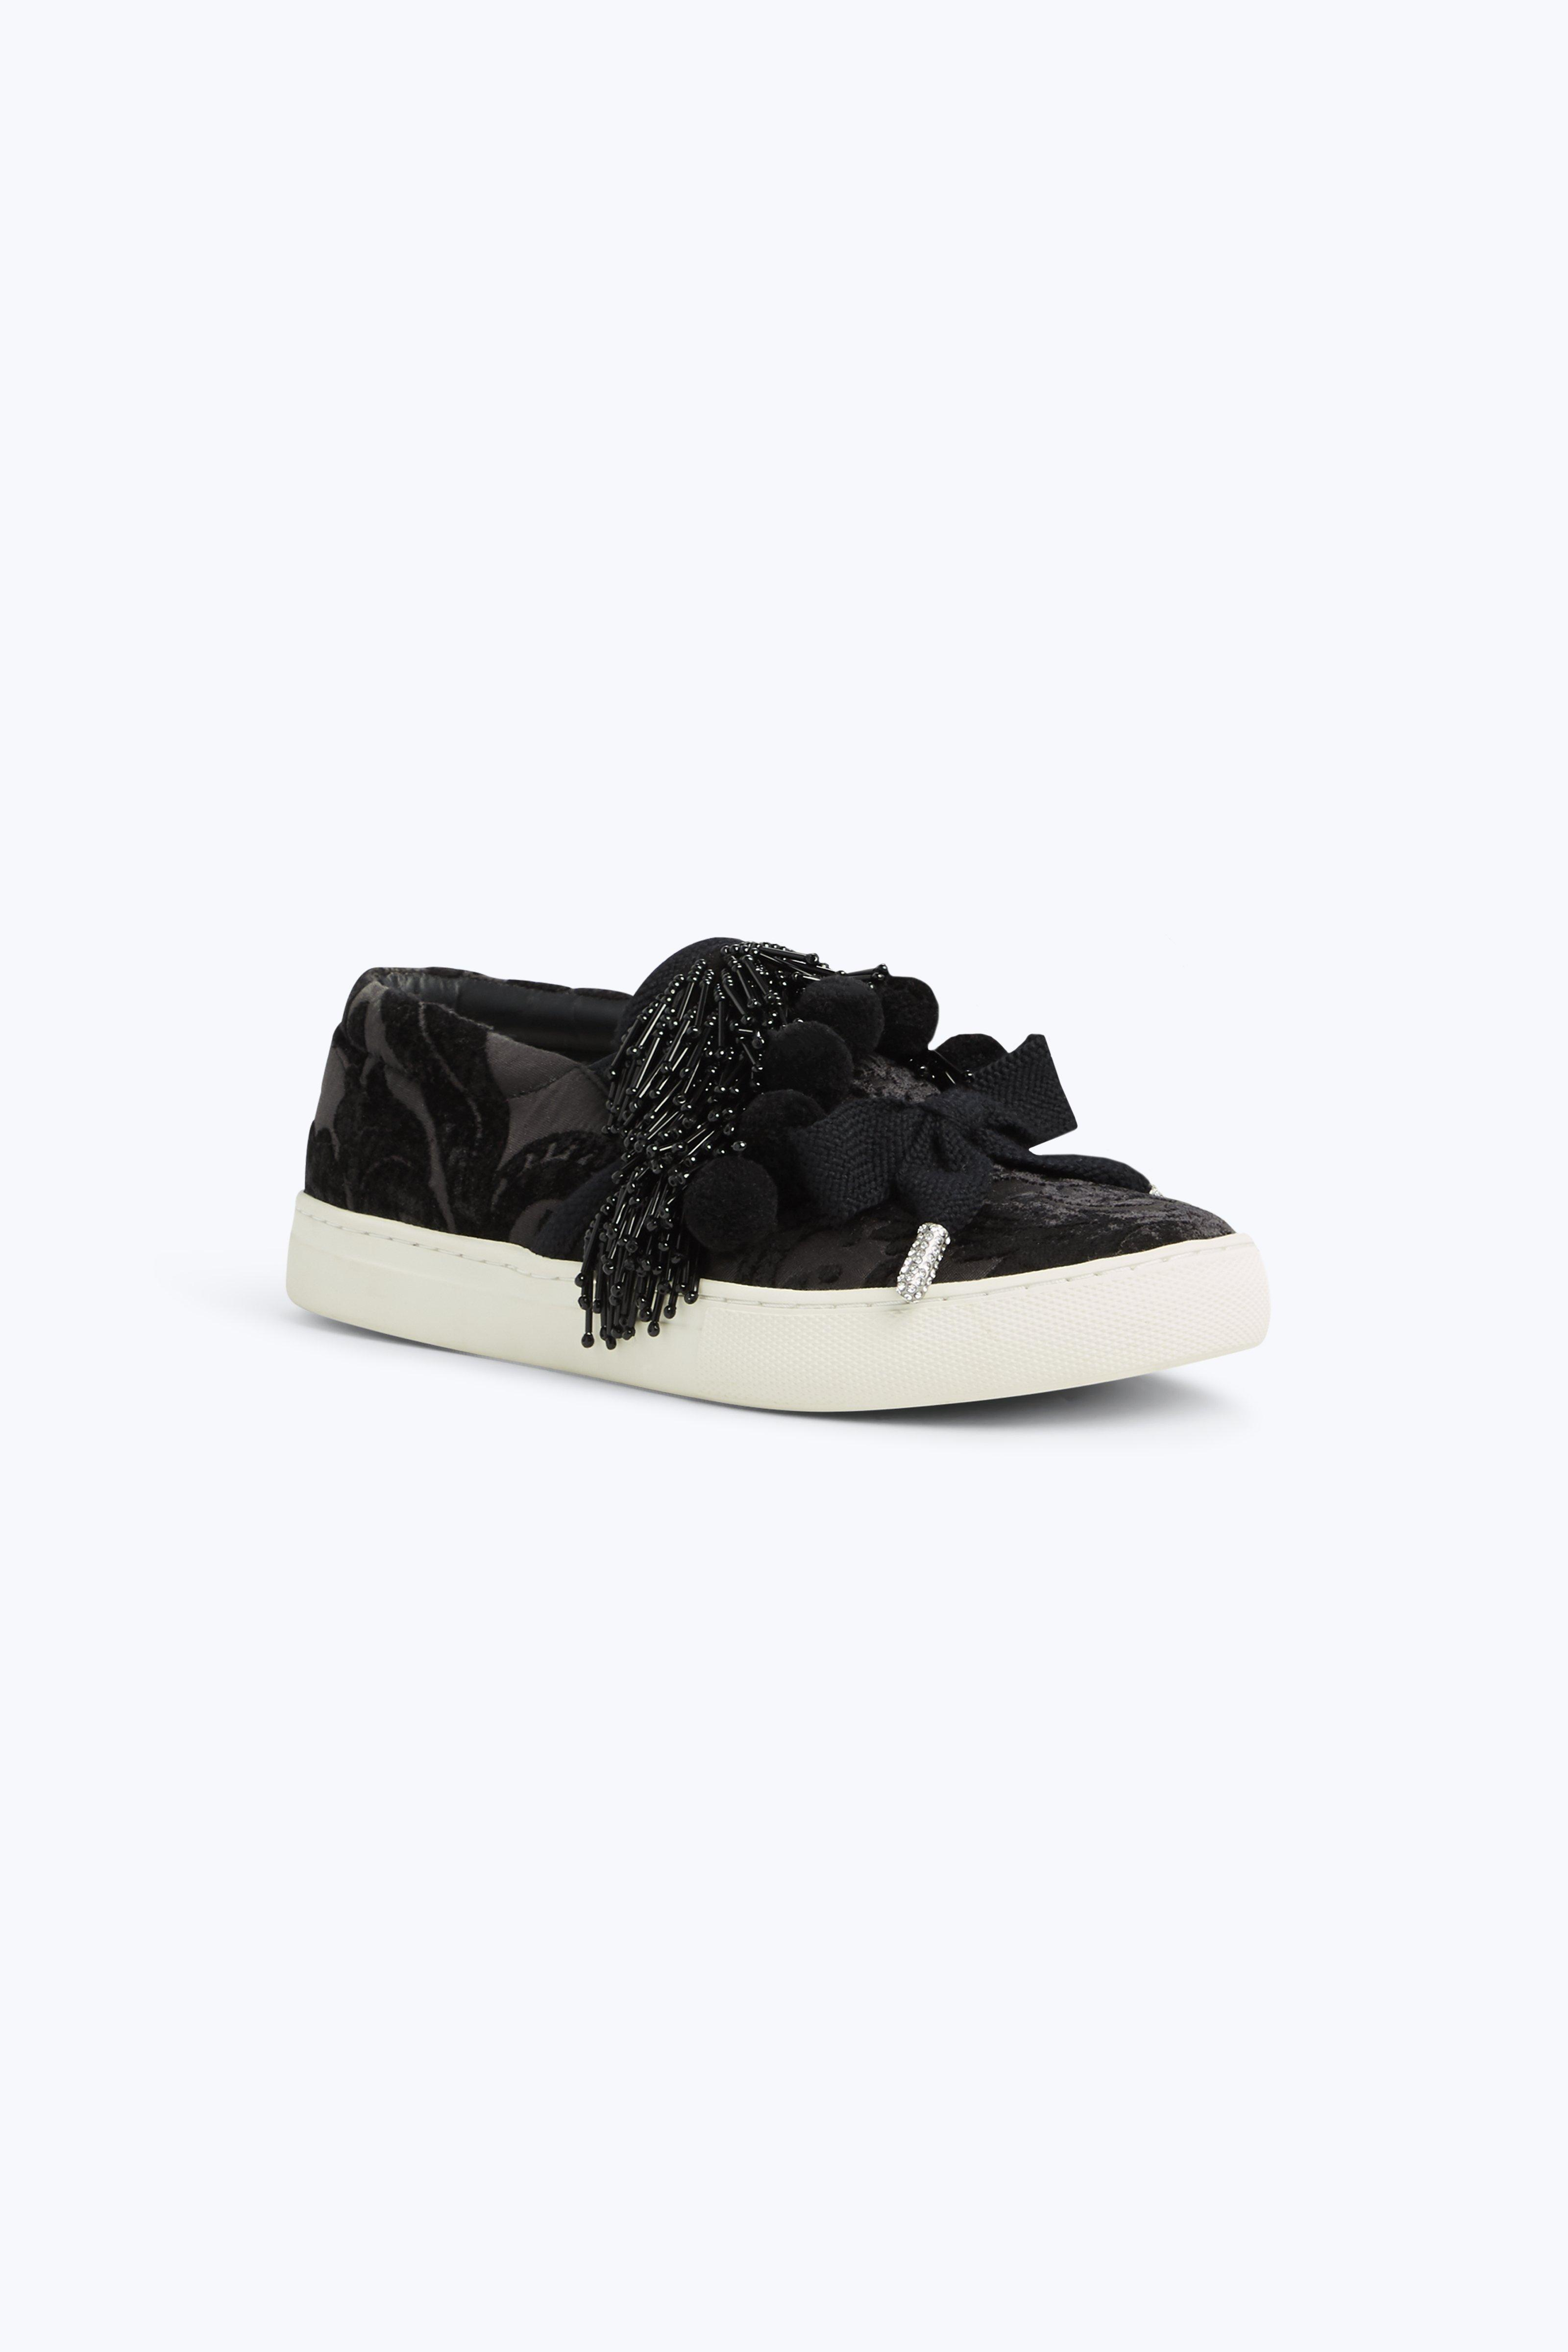 Mercer Pompom Embellished Sneakers in Black